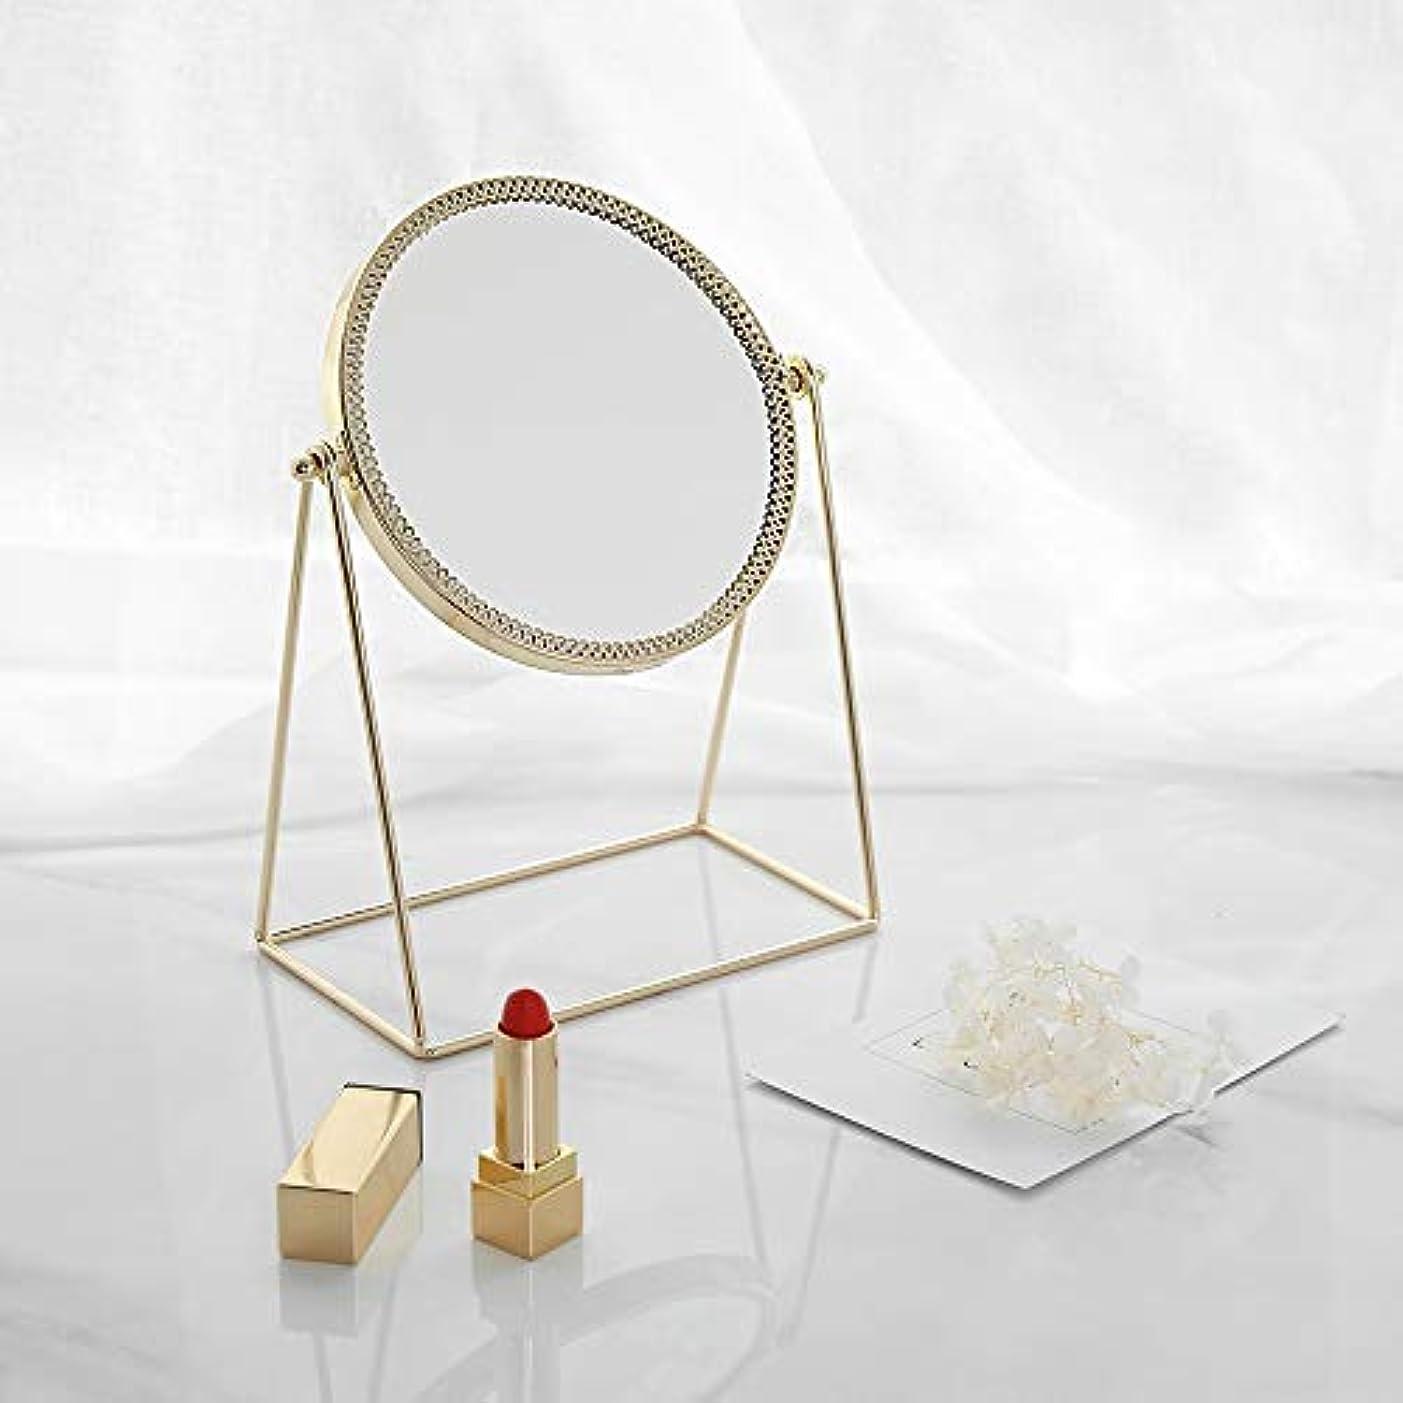 出血可聴パラシュート流行の 現代の創造性ゴールドラウンドアイアンフレーム+ミラーデスクトップミラー/化粧鏡